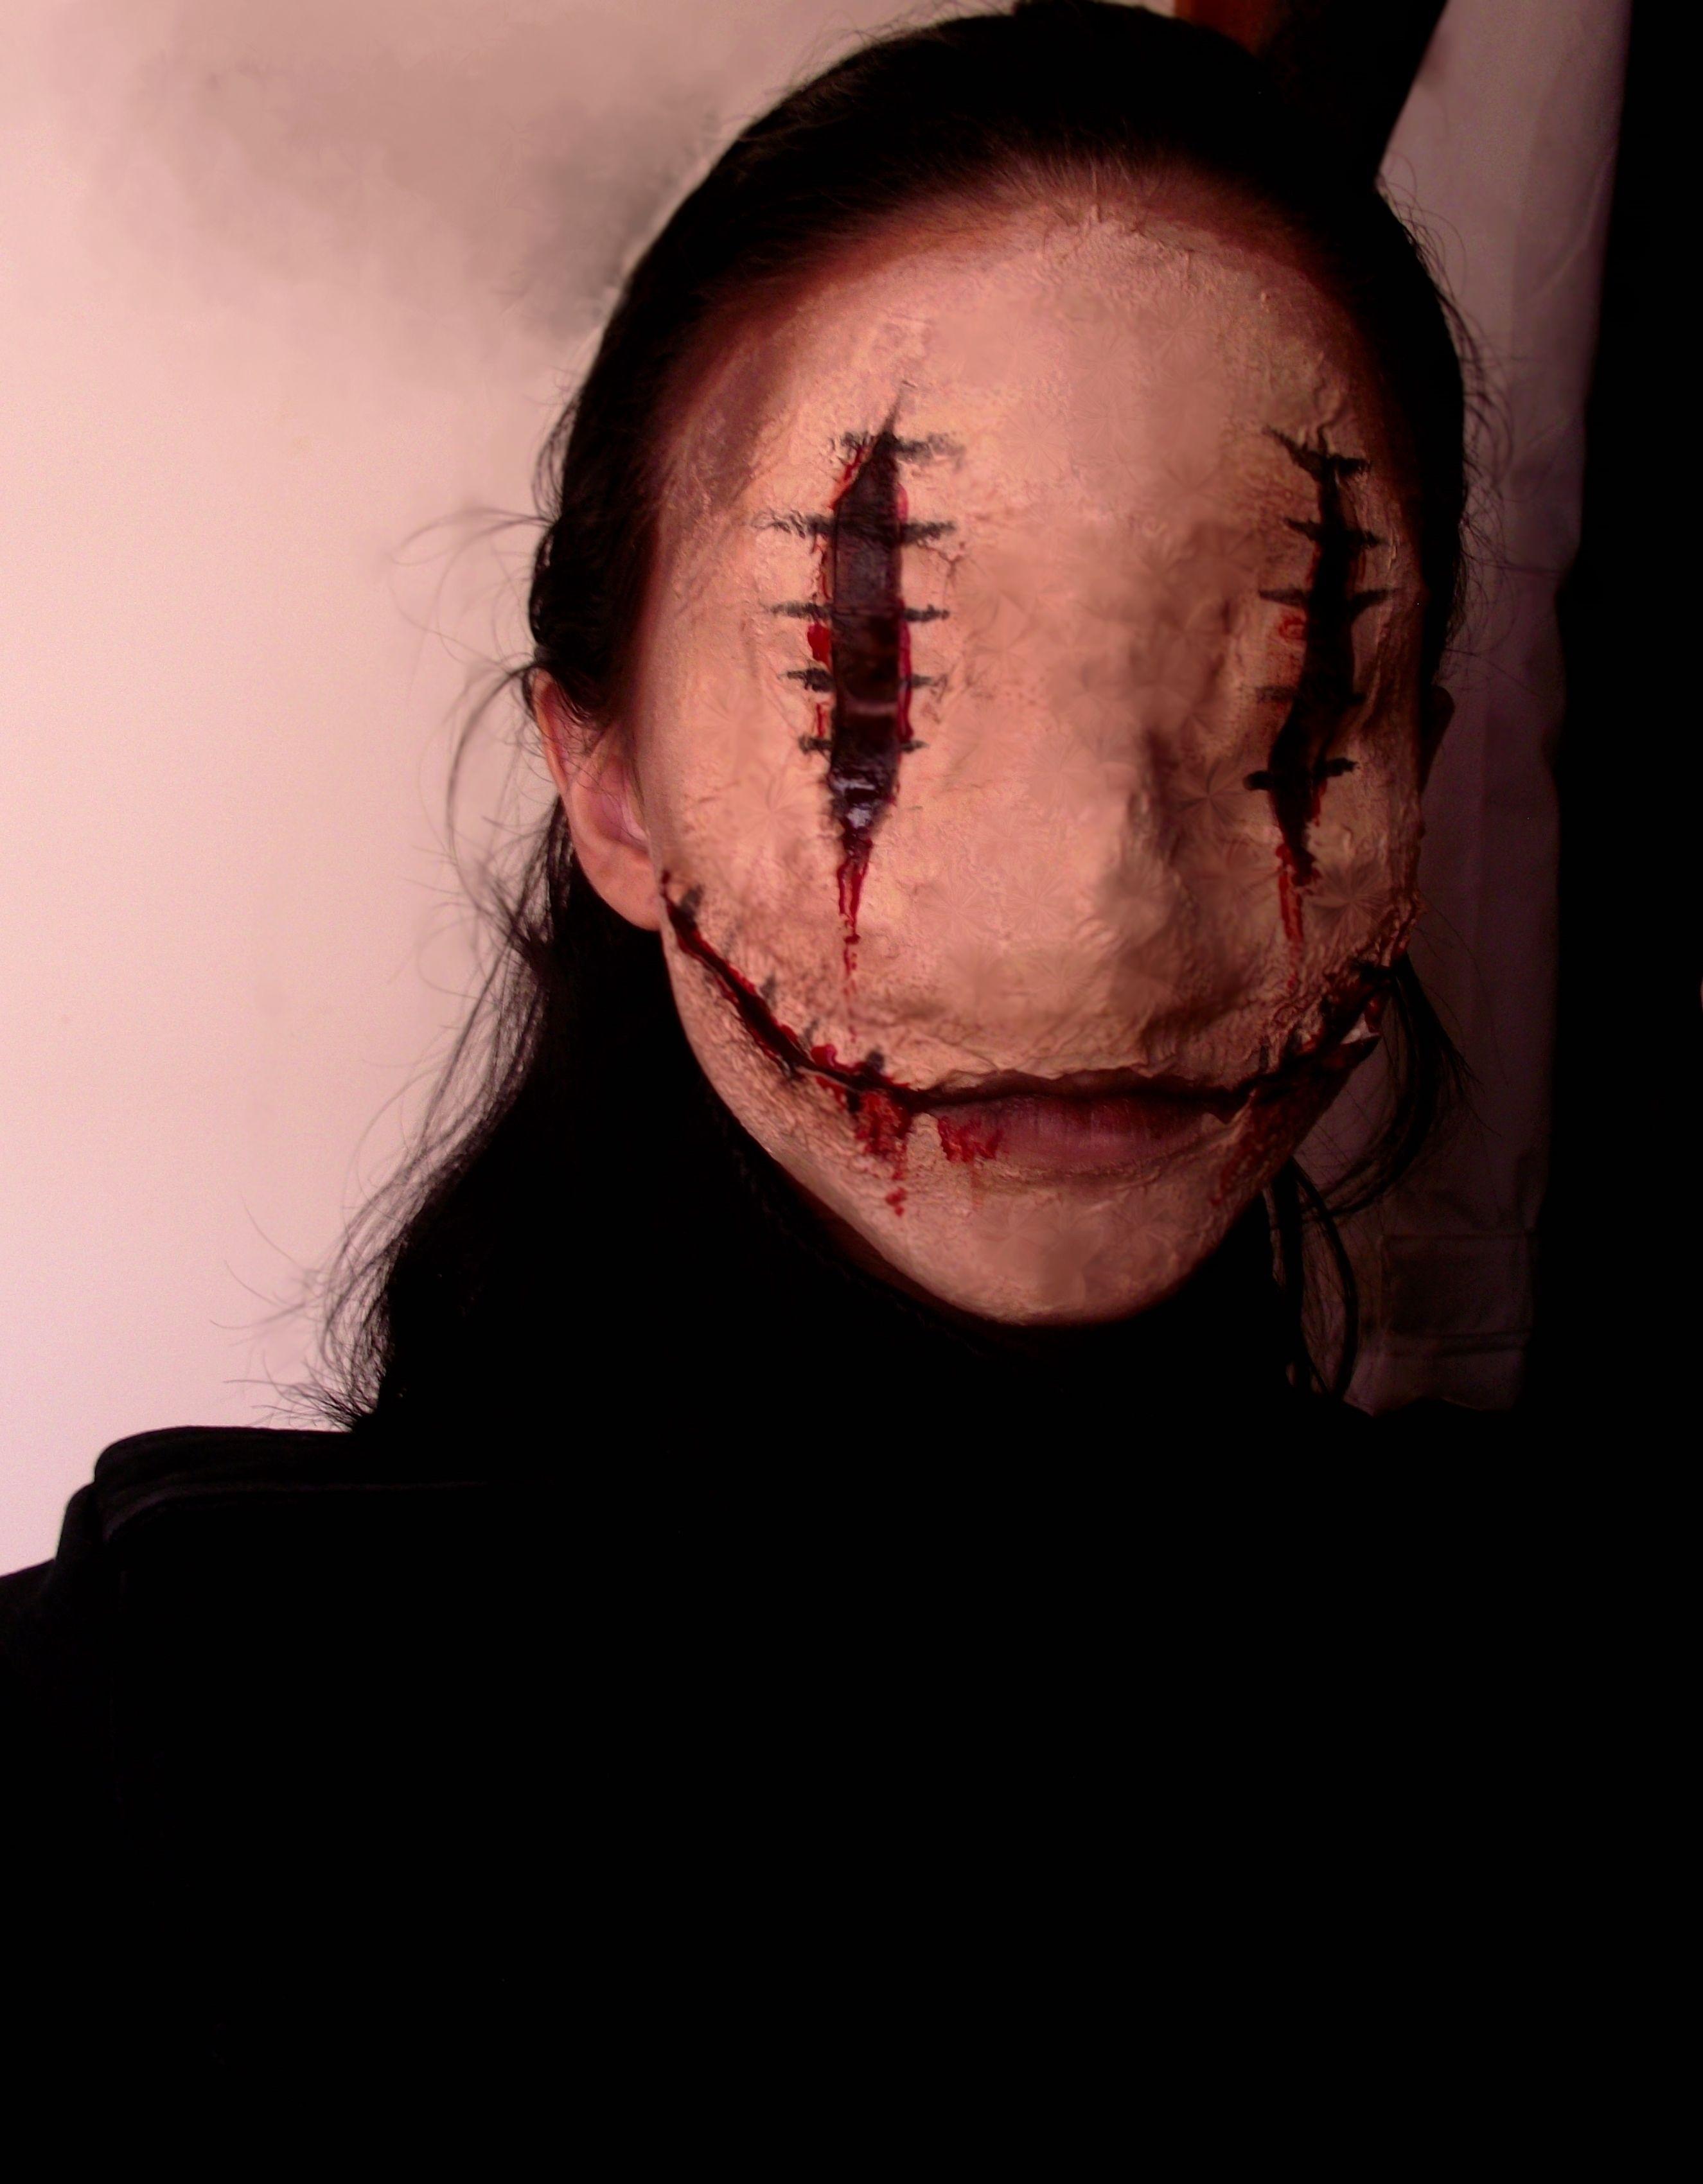 special effects makeup | Spooktacular Makeup | Pinterest | Makeup